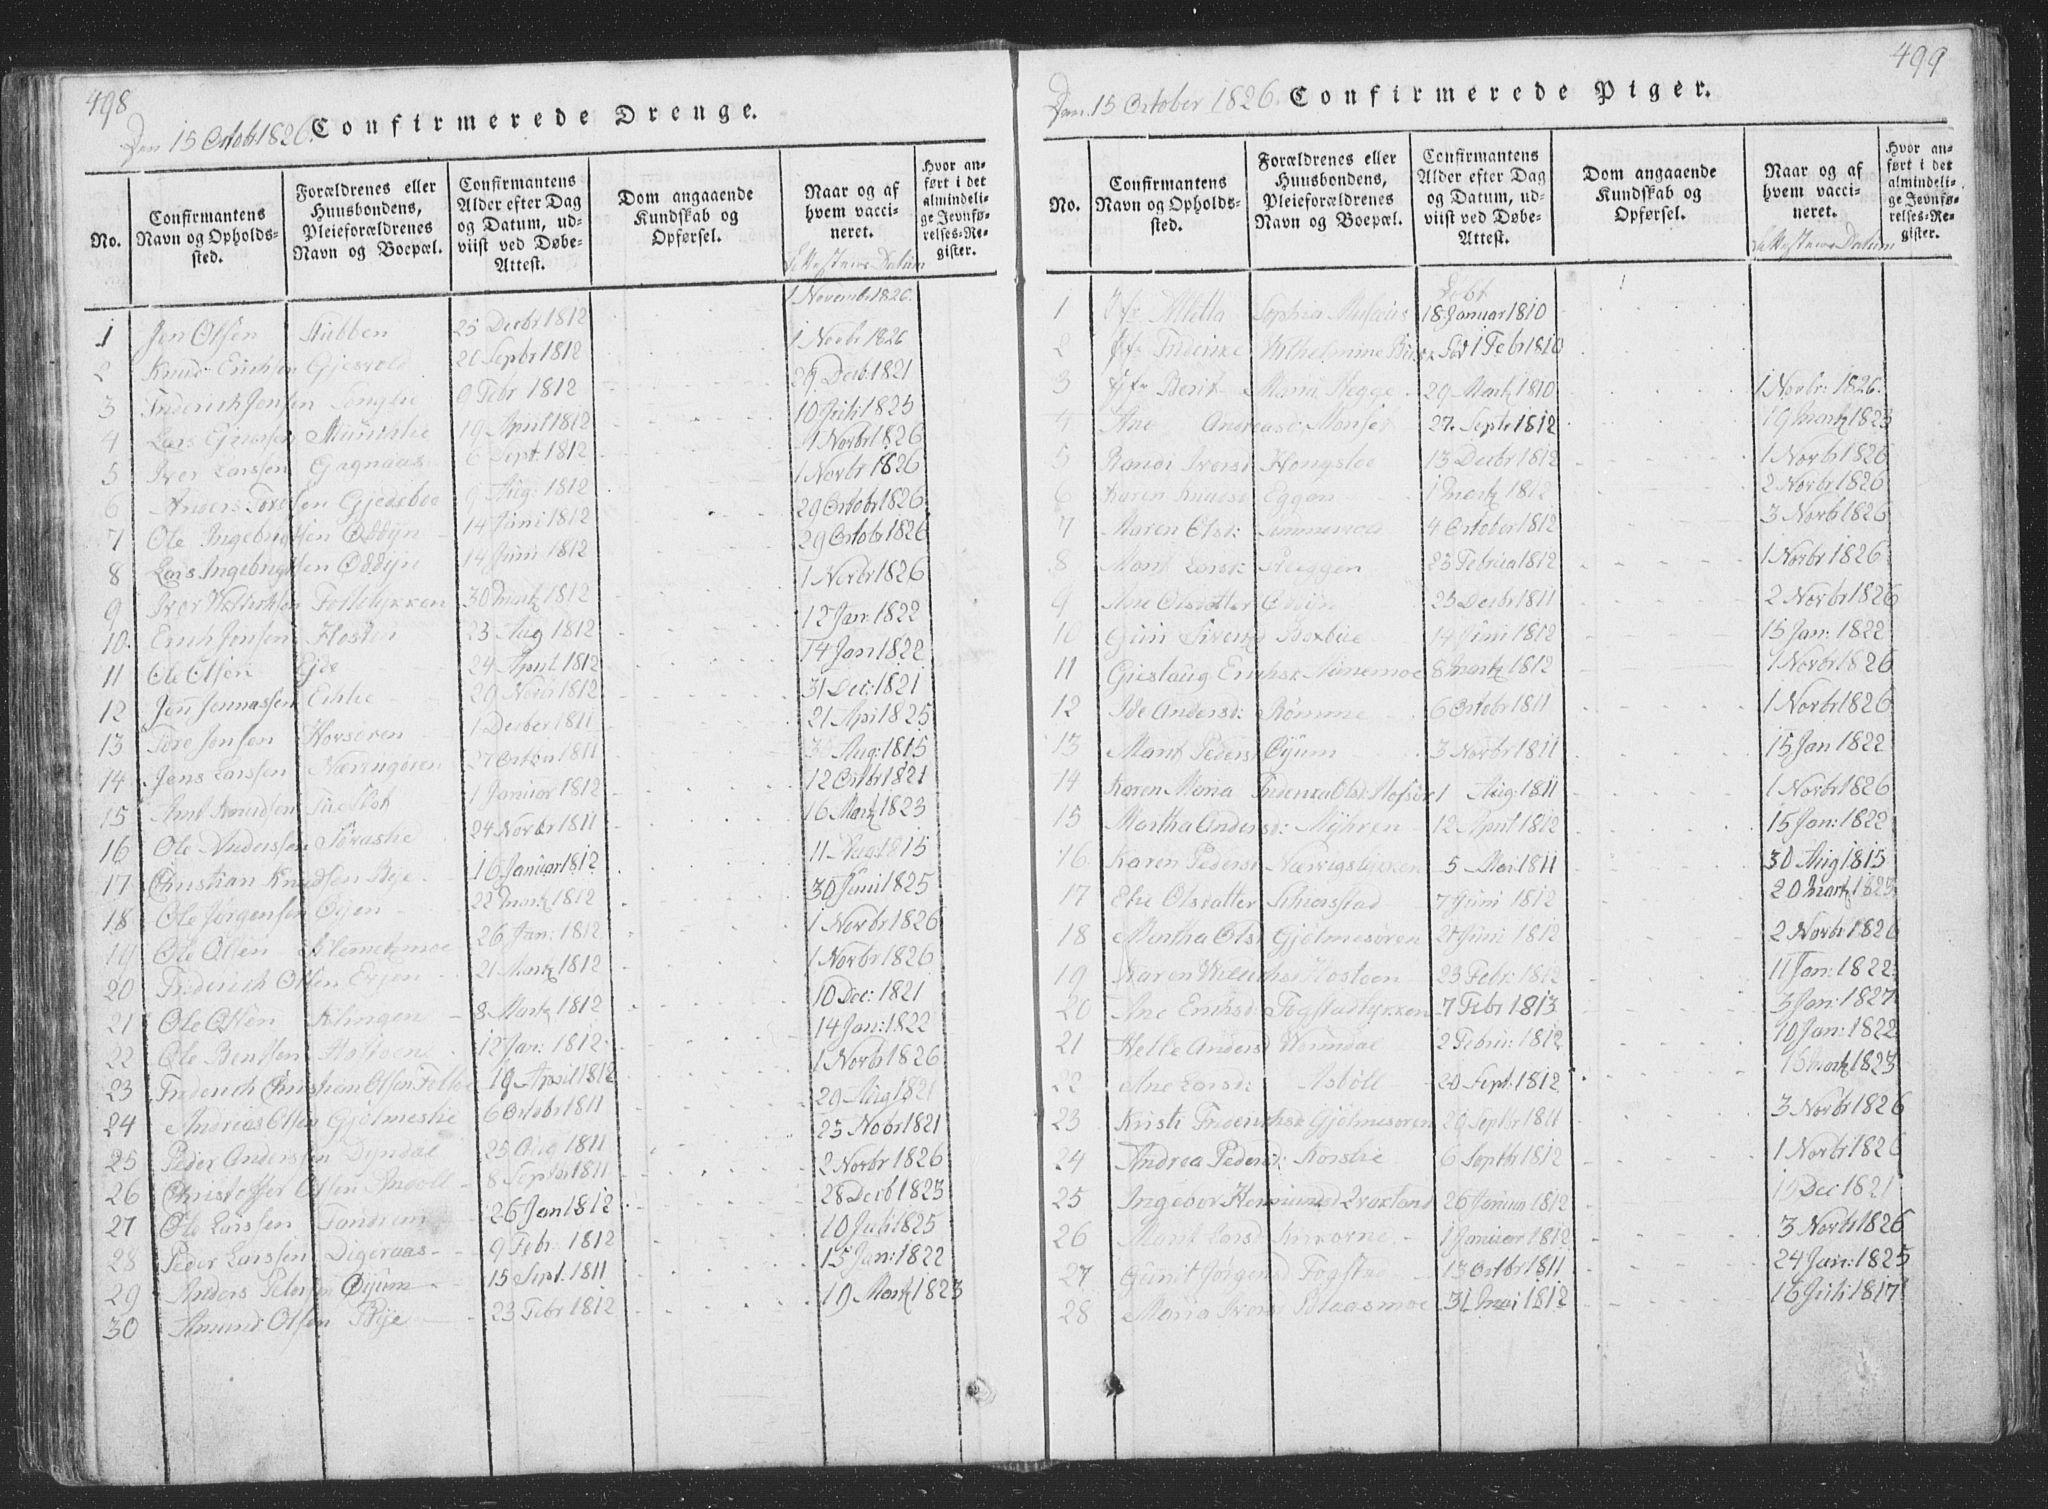 SAT, Ministerialprotokoller, klokkerbøker og fødselsregistre - Sør-Trøndelag, 668/L0816: Klokkerbok nr. 668C05, 1816-1893, s. 498-499